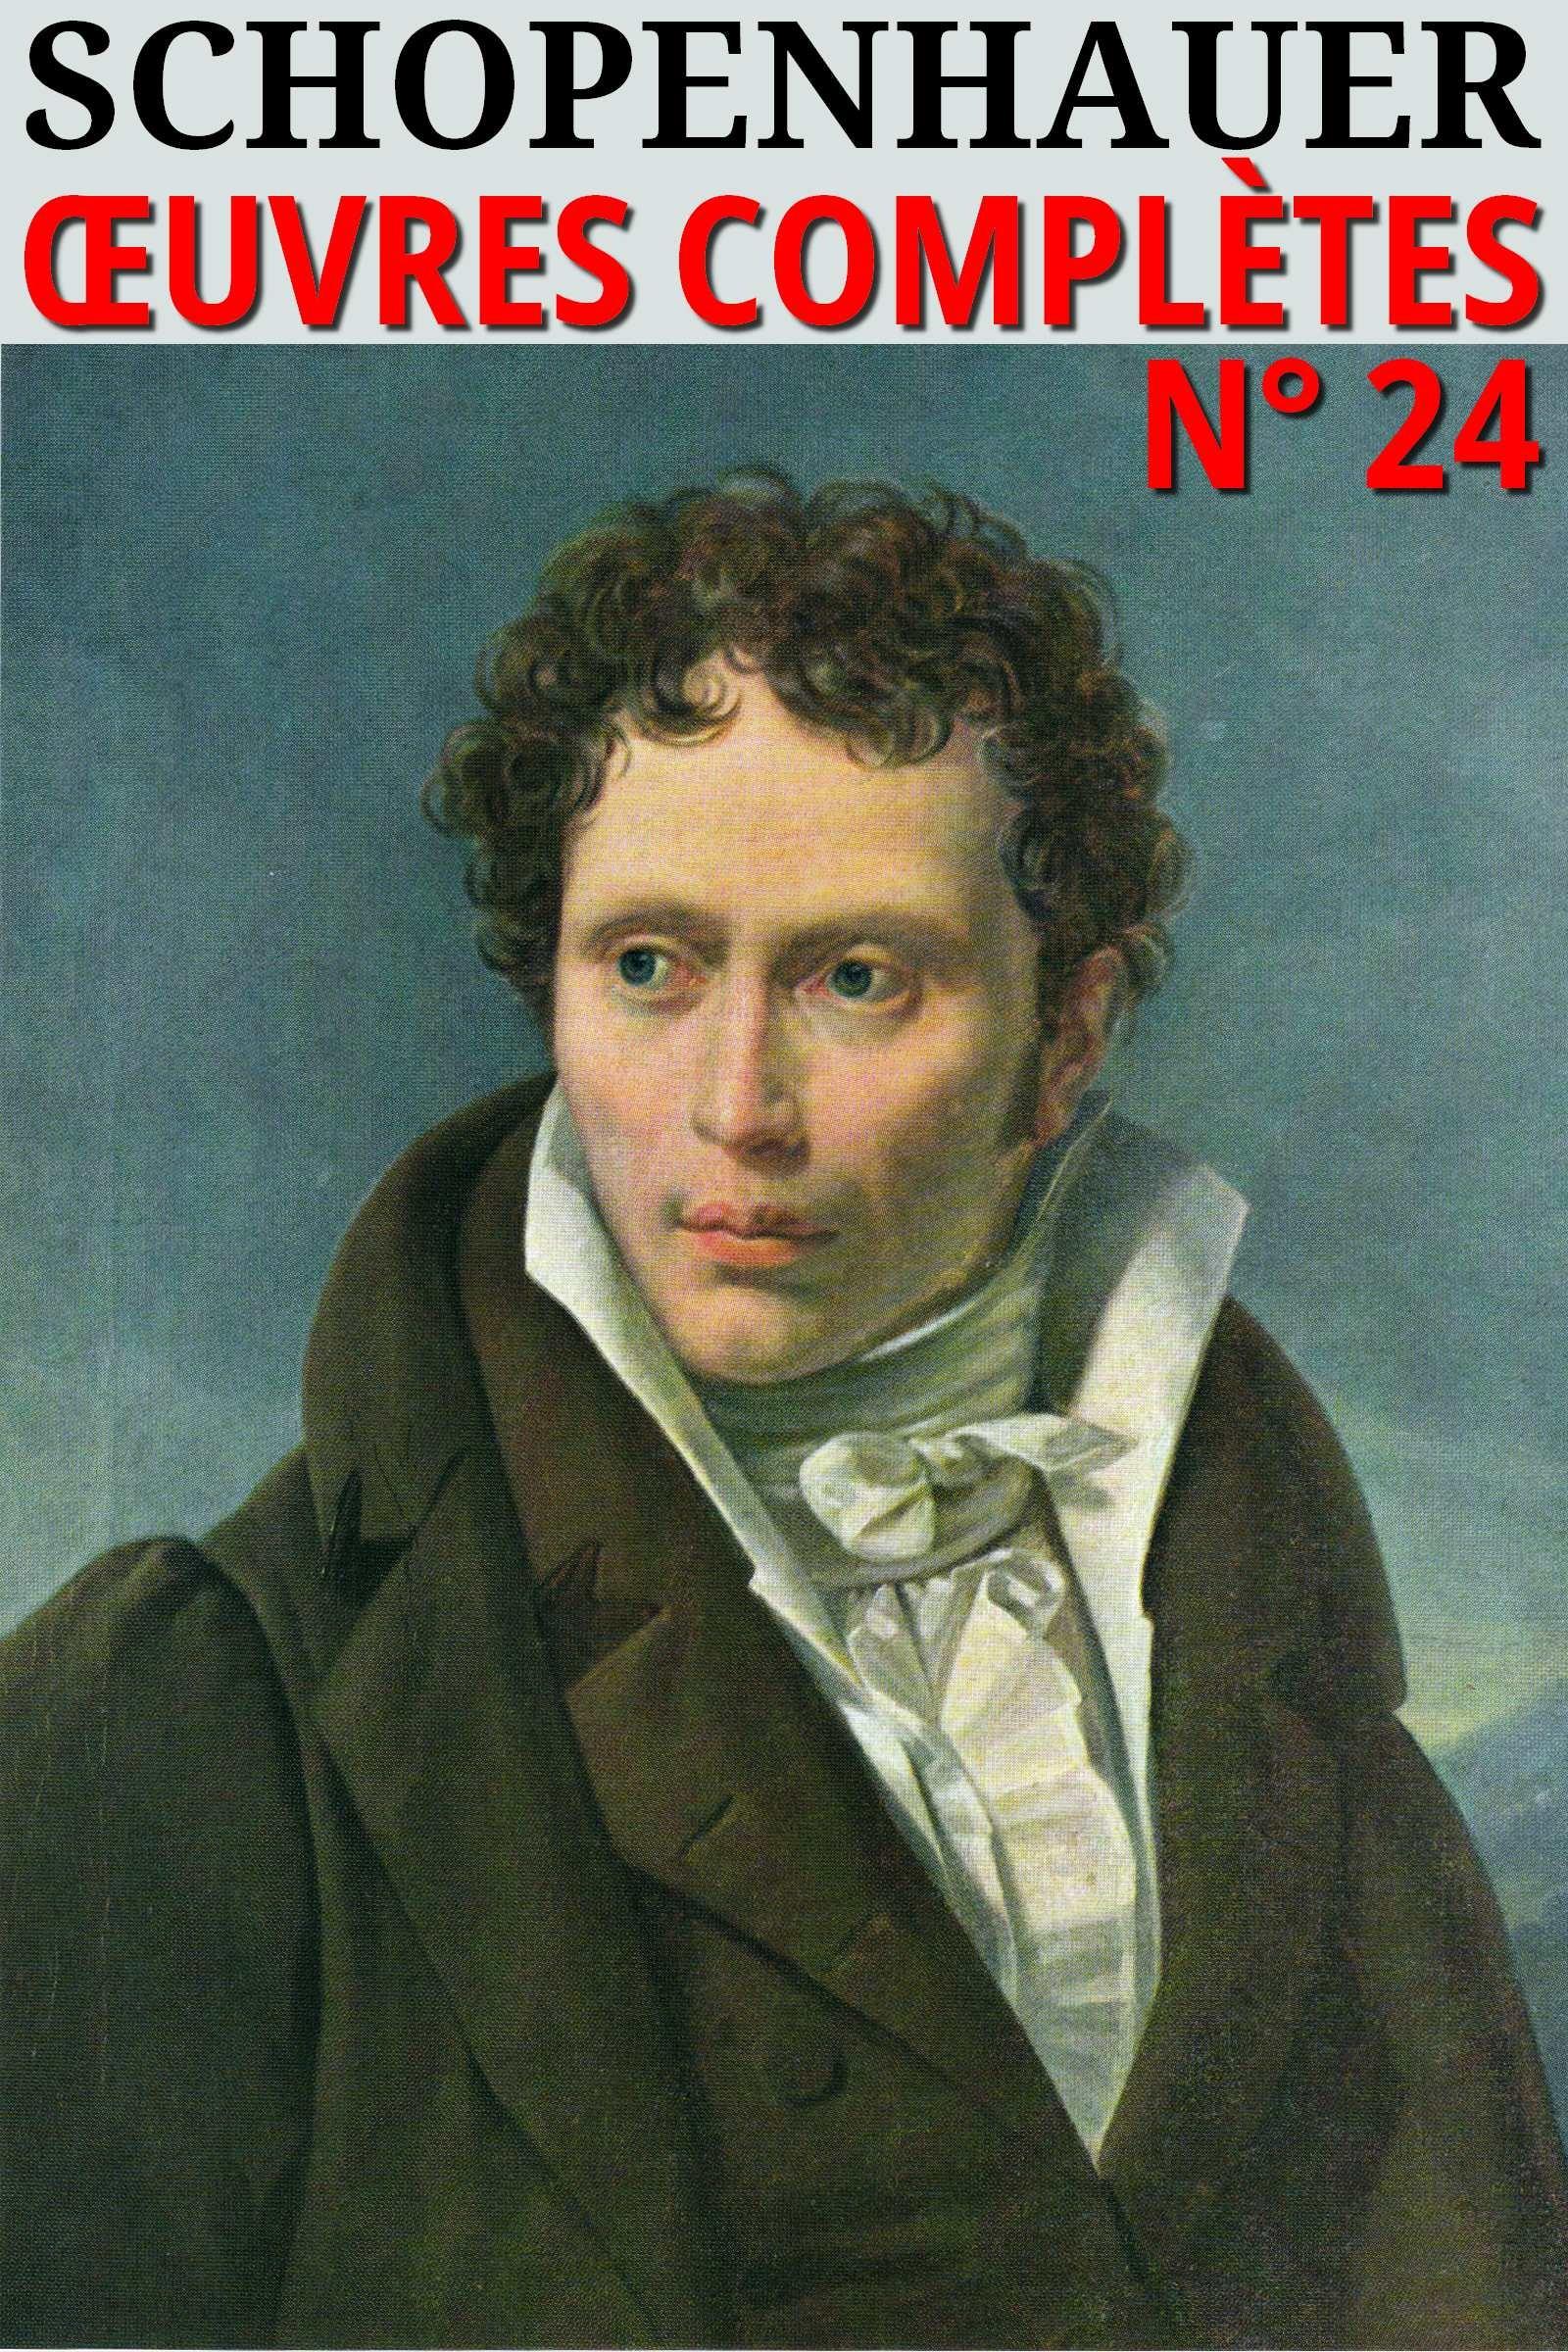 Arthur Schopenhauer - Oeuvres Complètes (24)